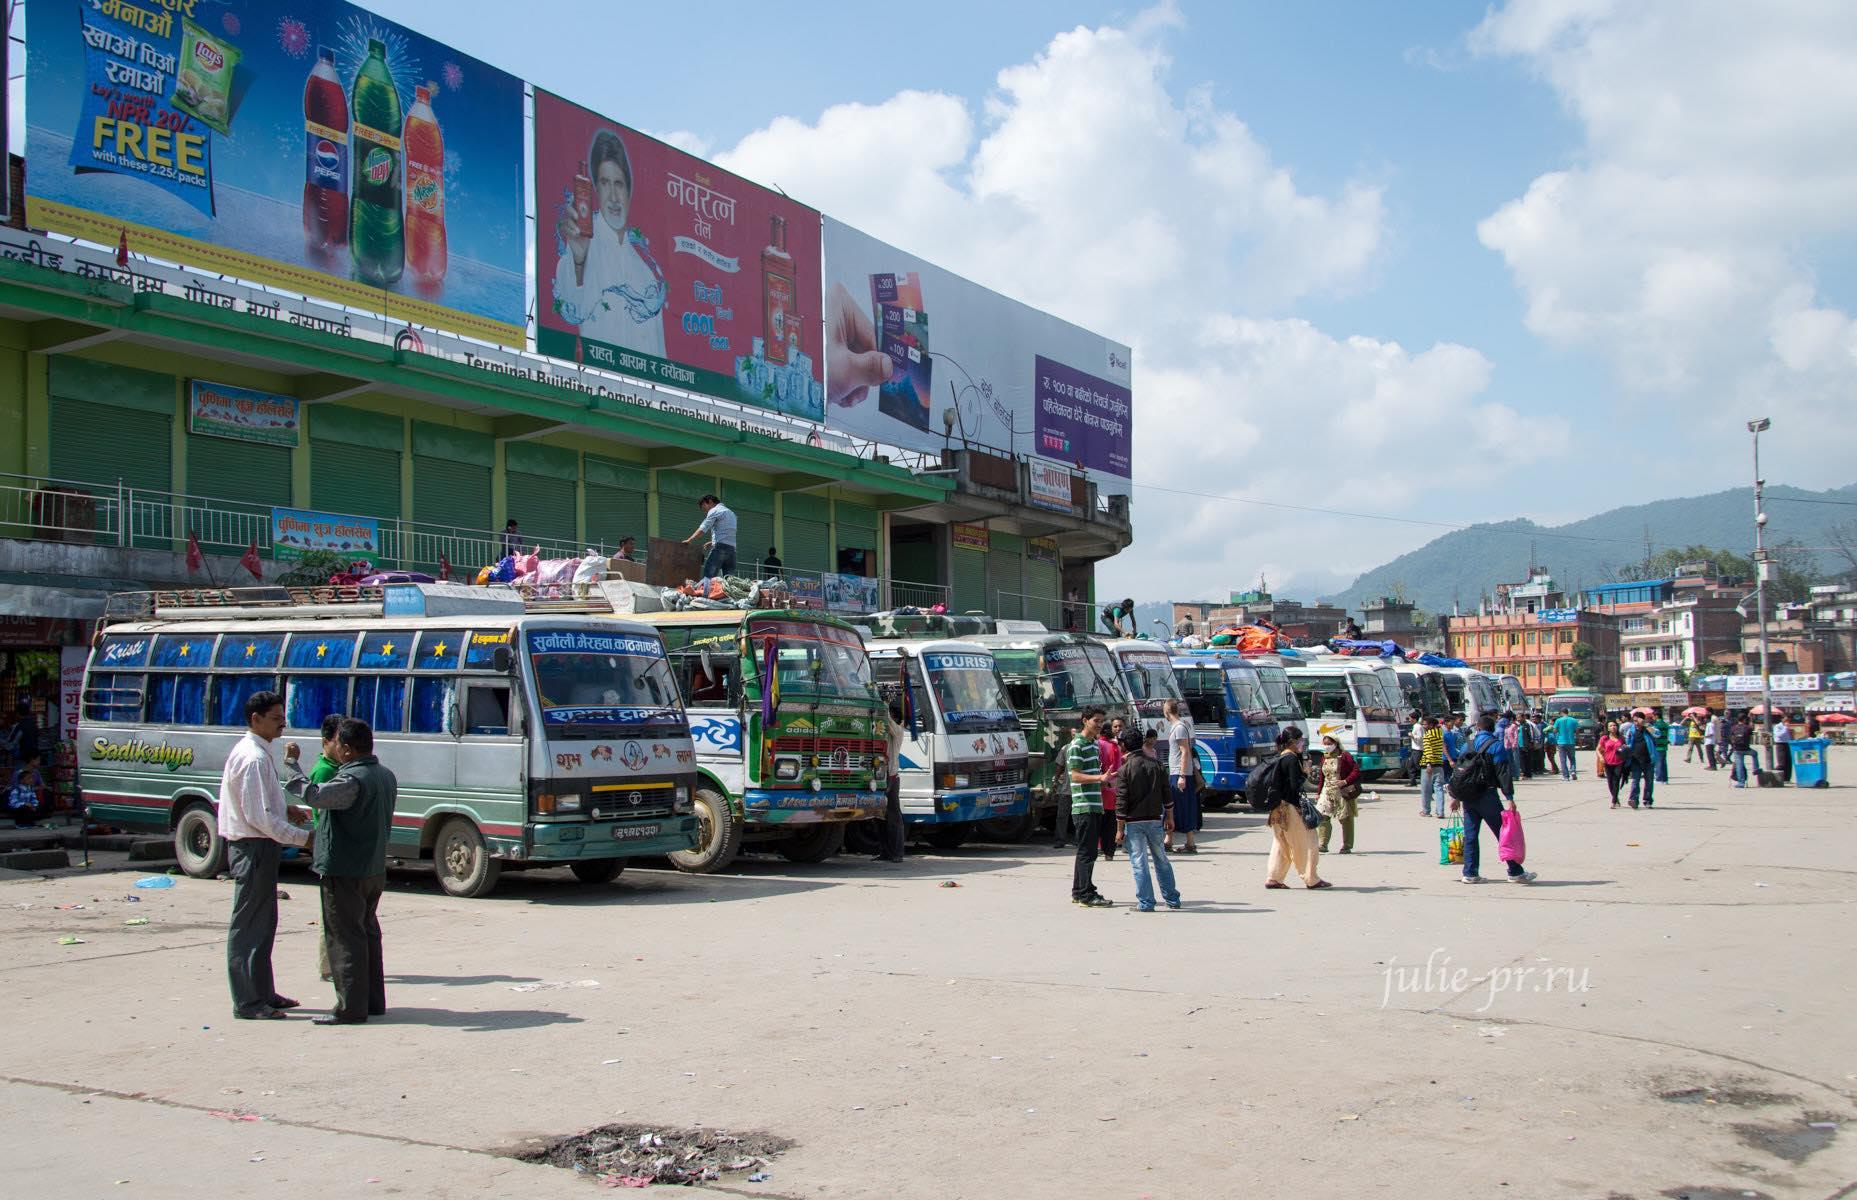 Непал, Катманду, автобус